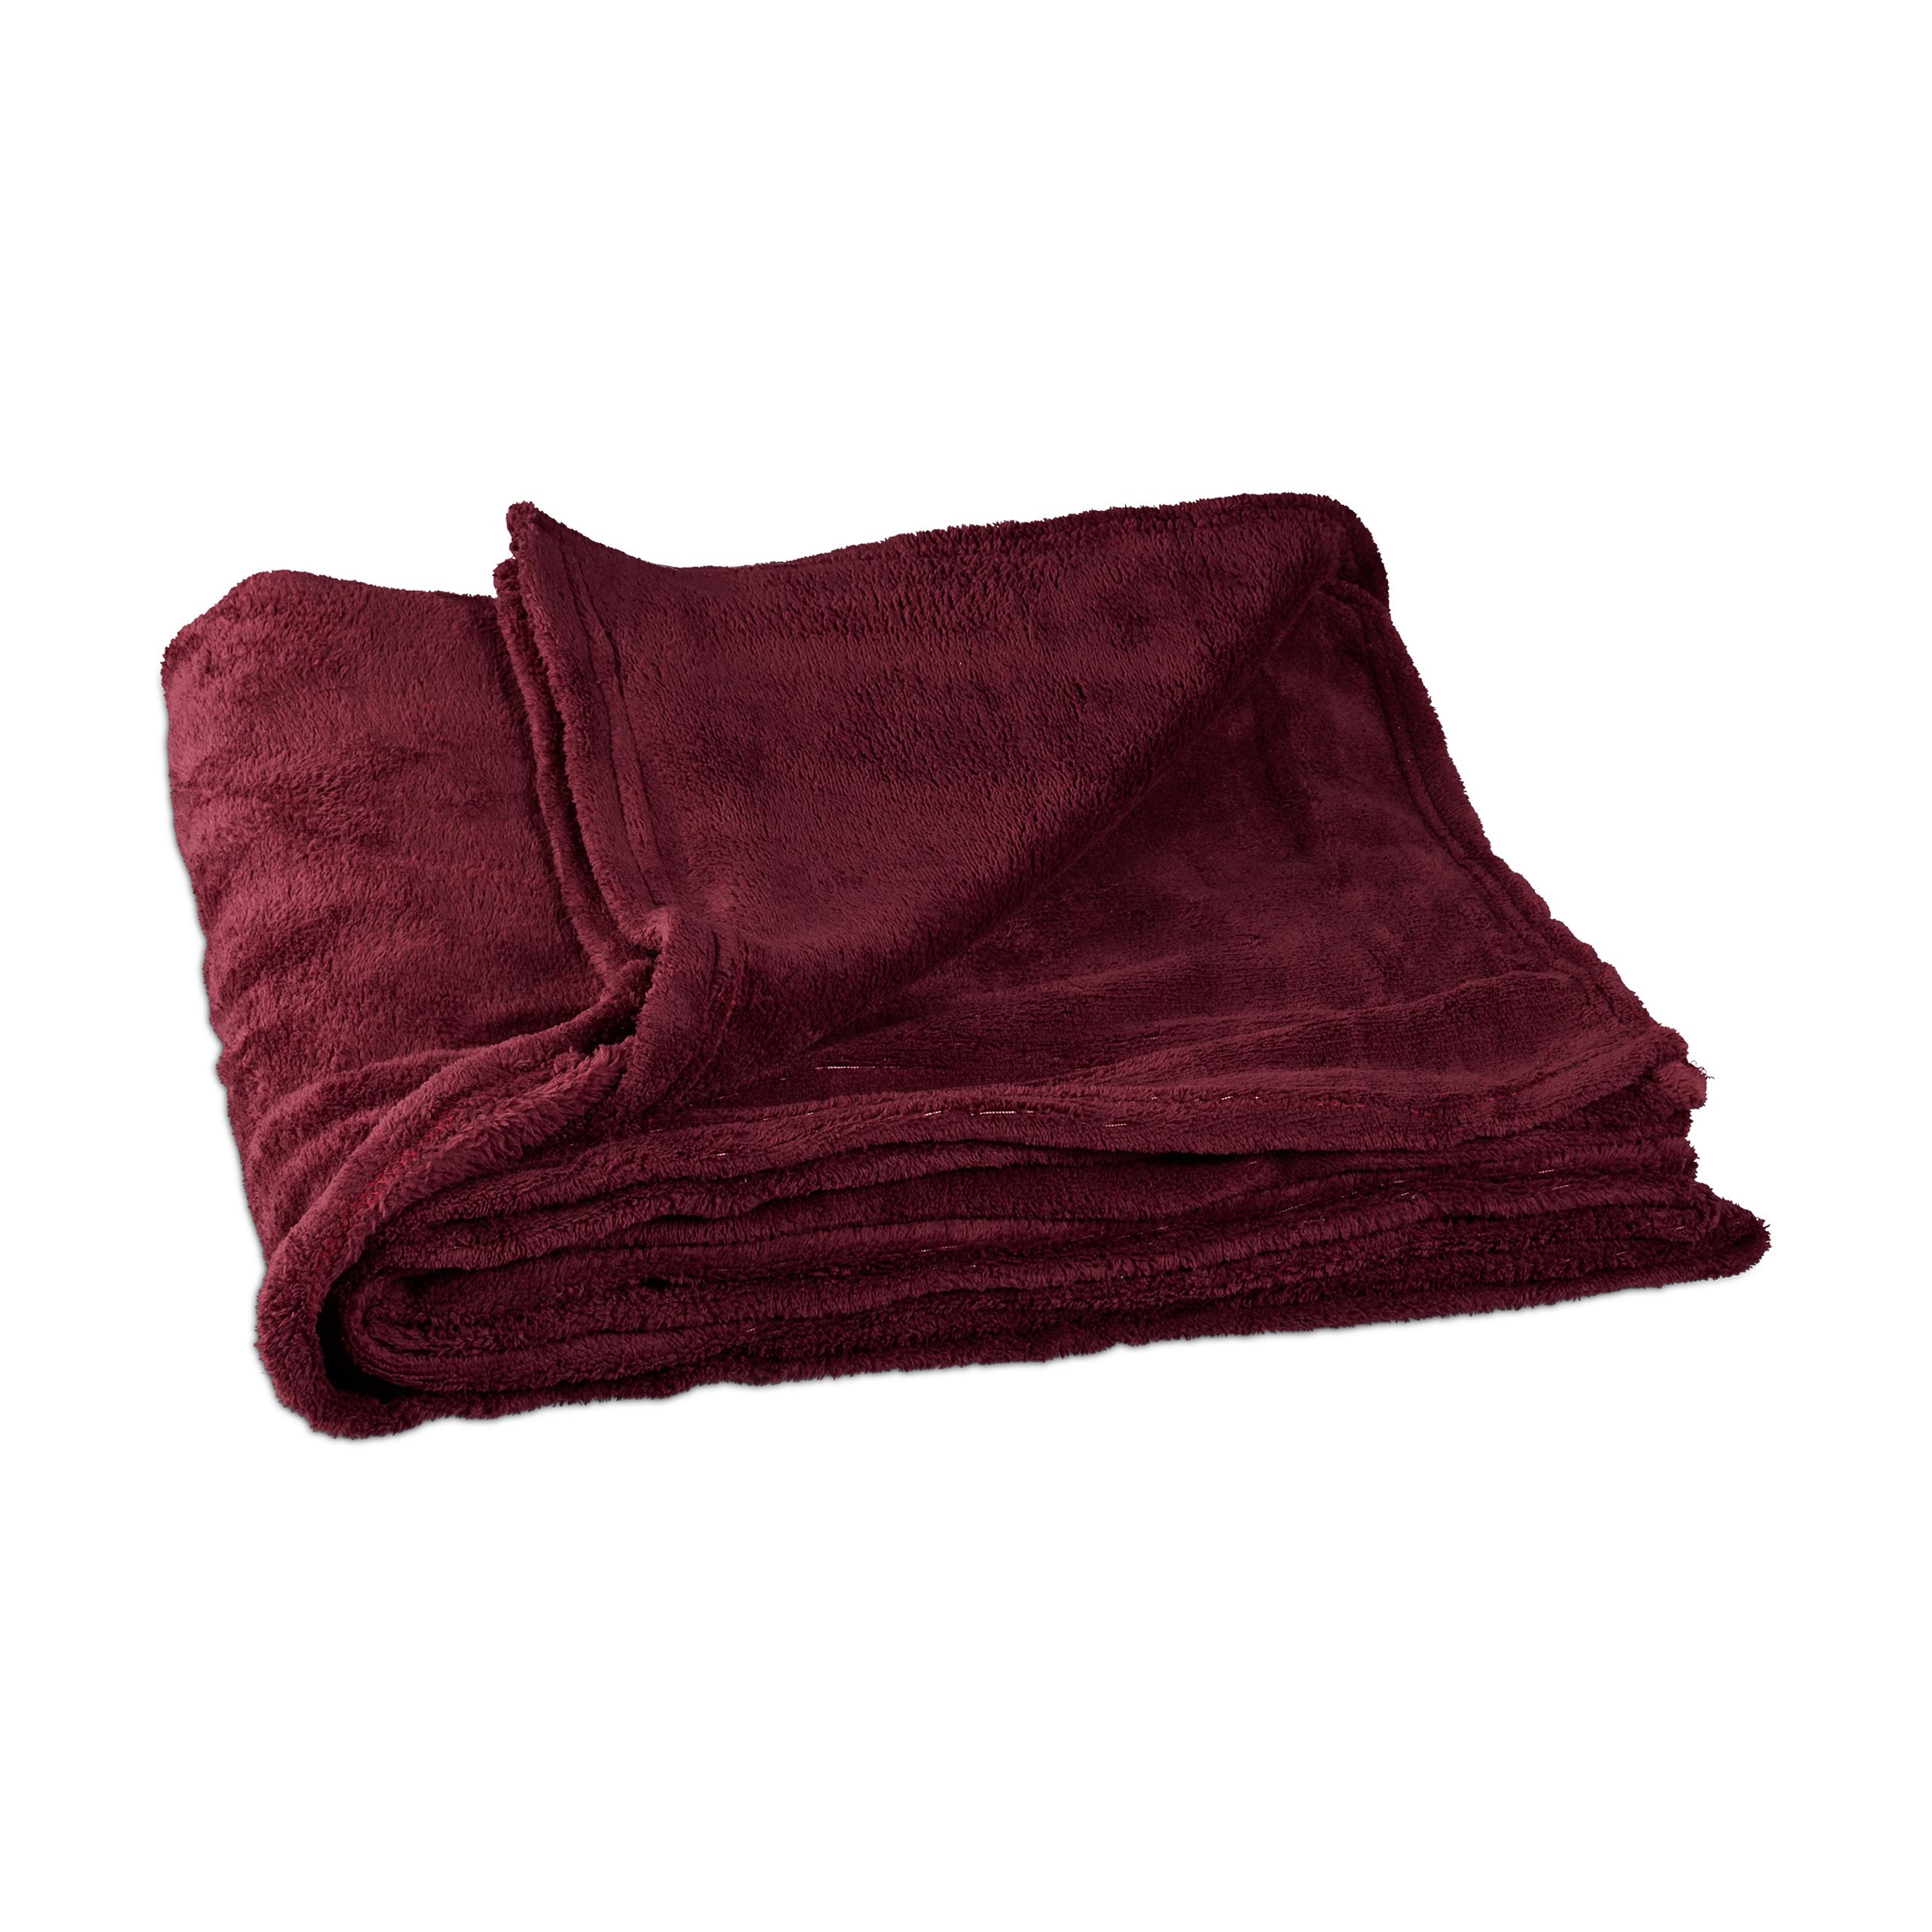 couverture grande polaire douce plaid moelleuse douillet bordeaux. Black Bedroom Furniture Sets. Home Design Ideas